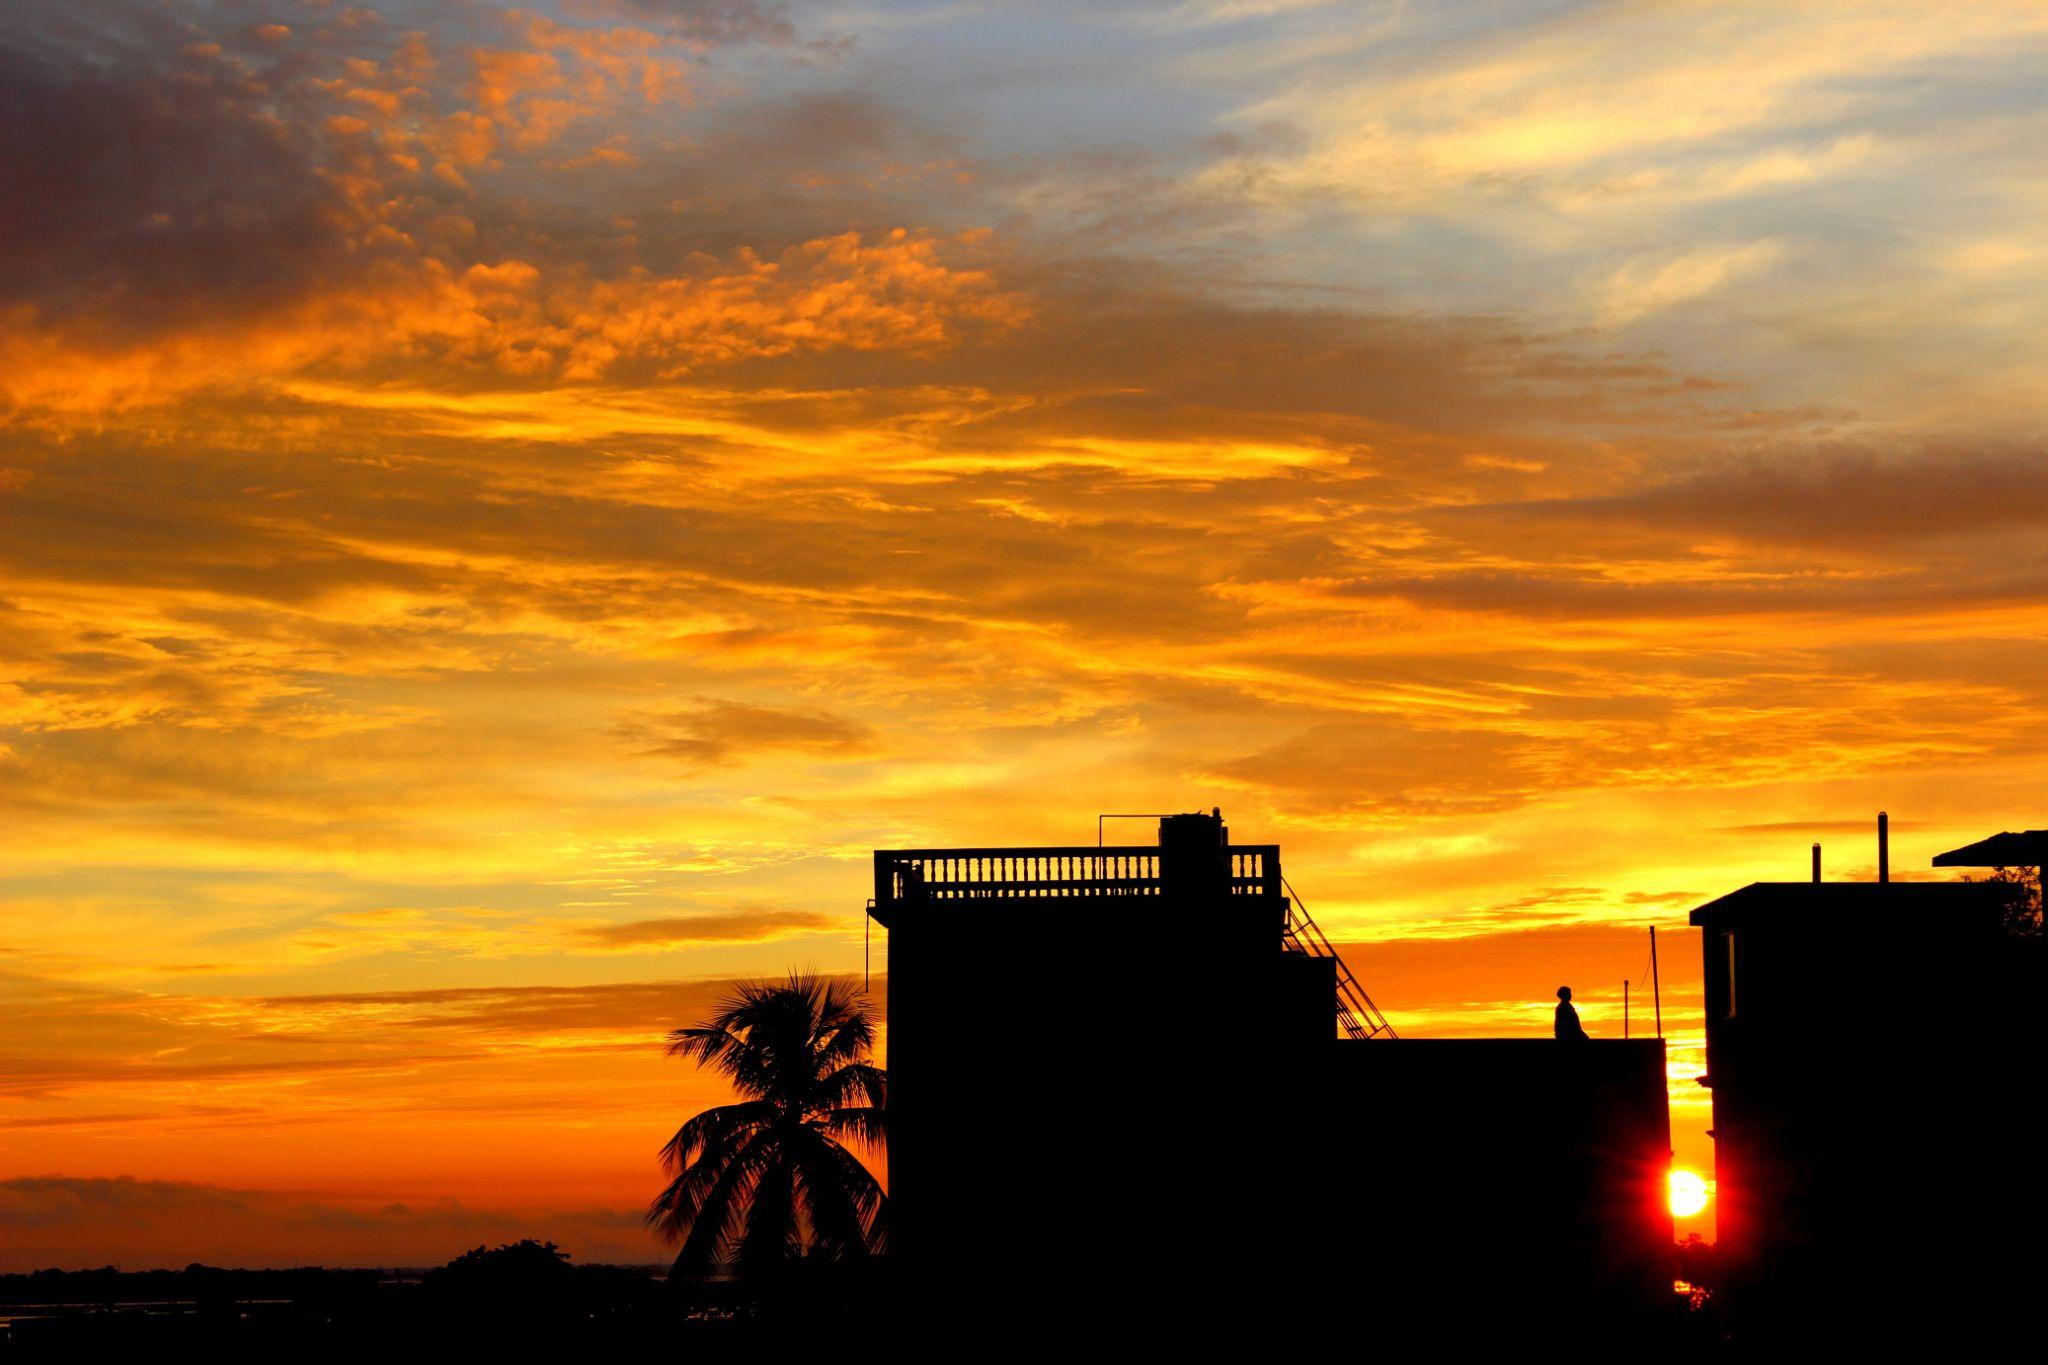 Urban Sunrise by shauradip.mazumder